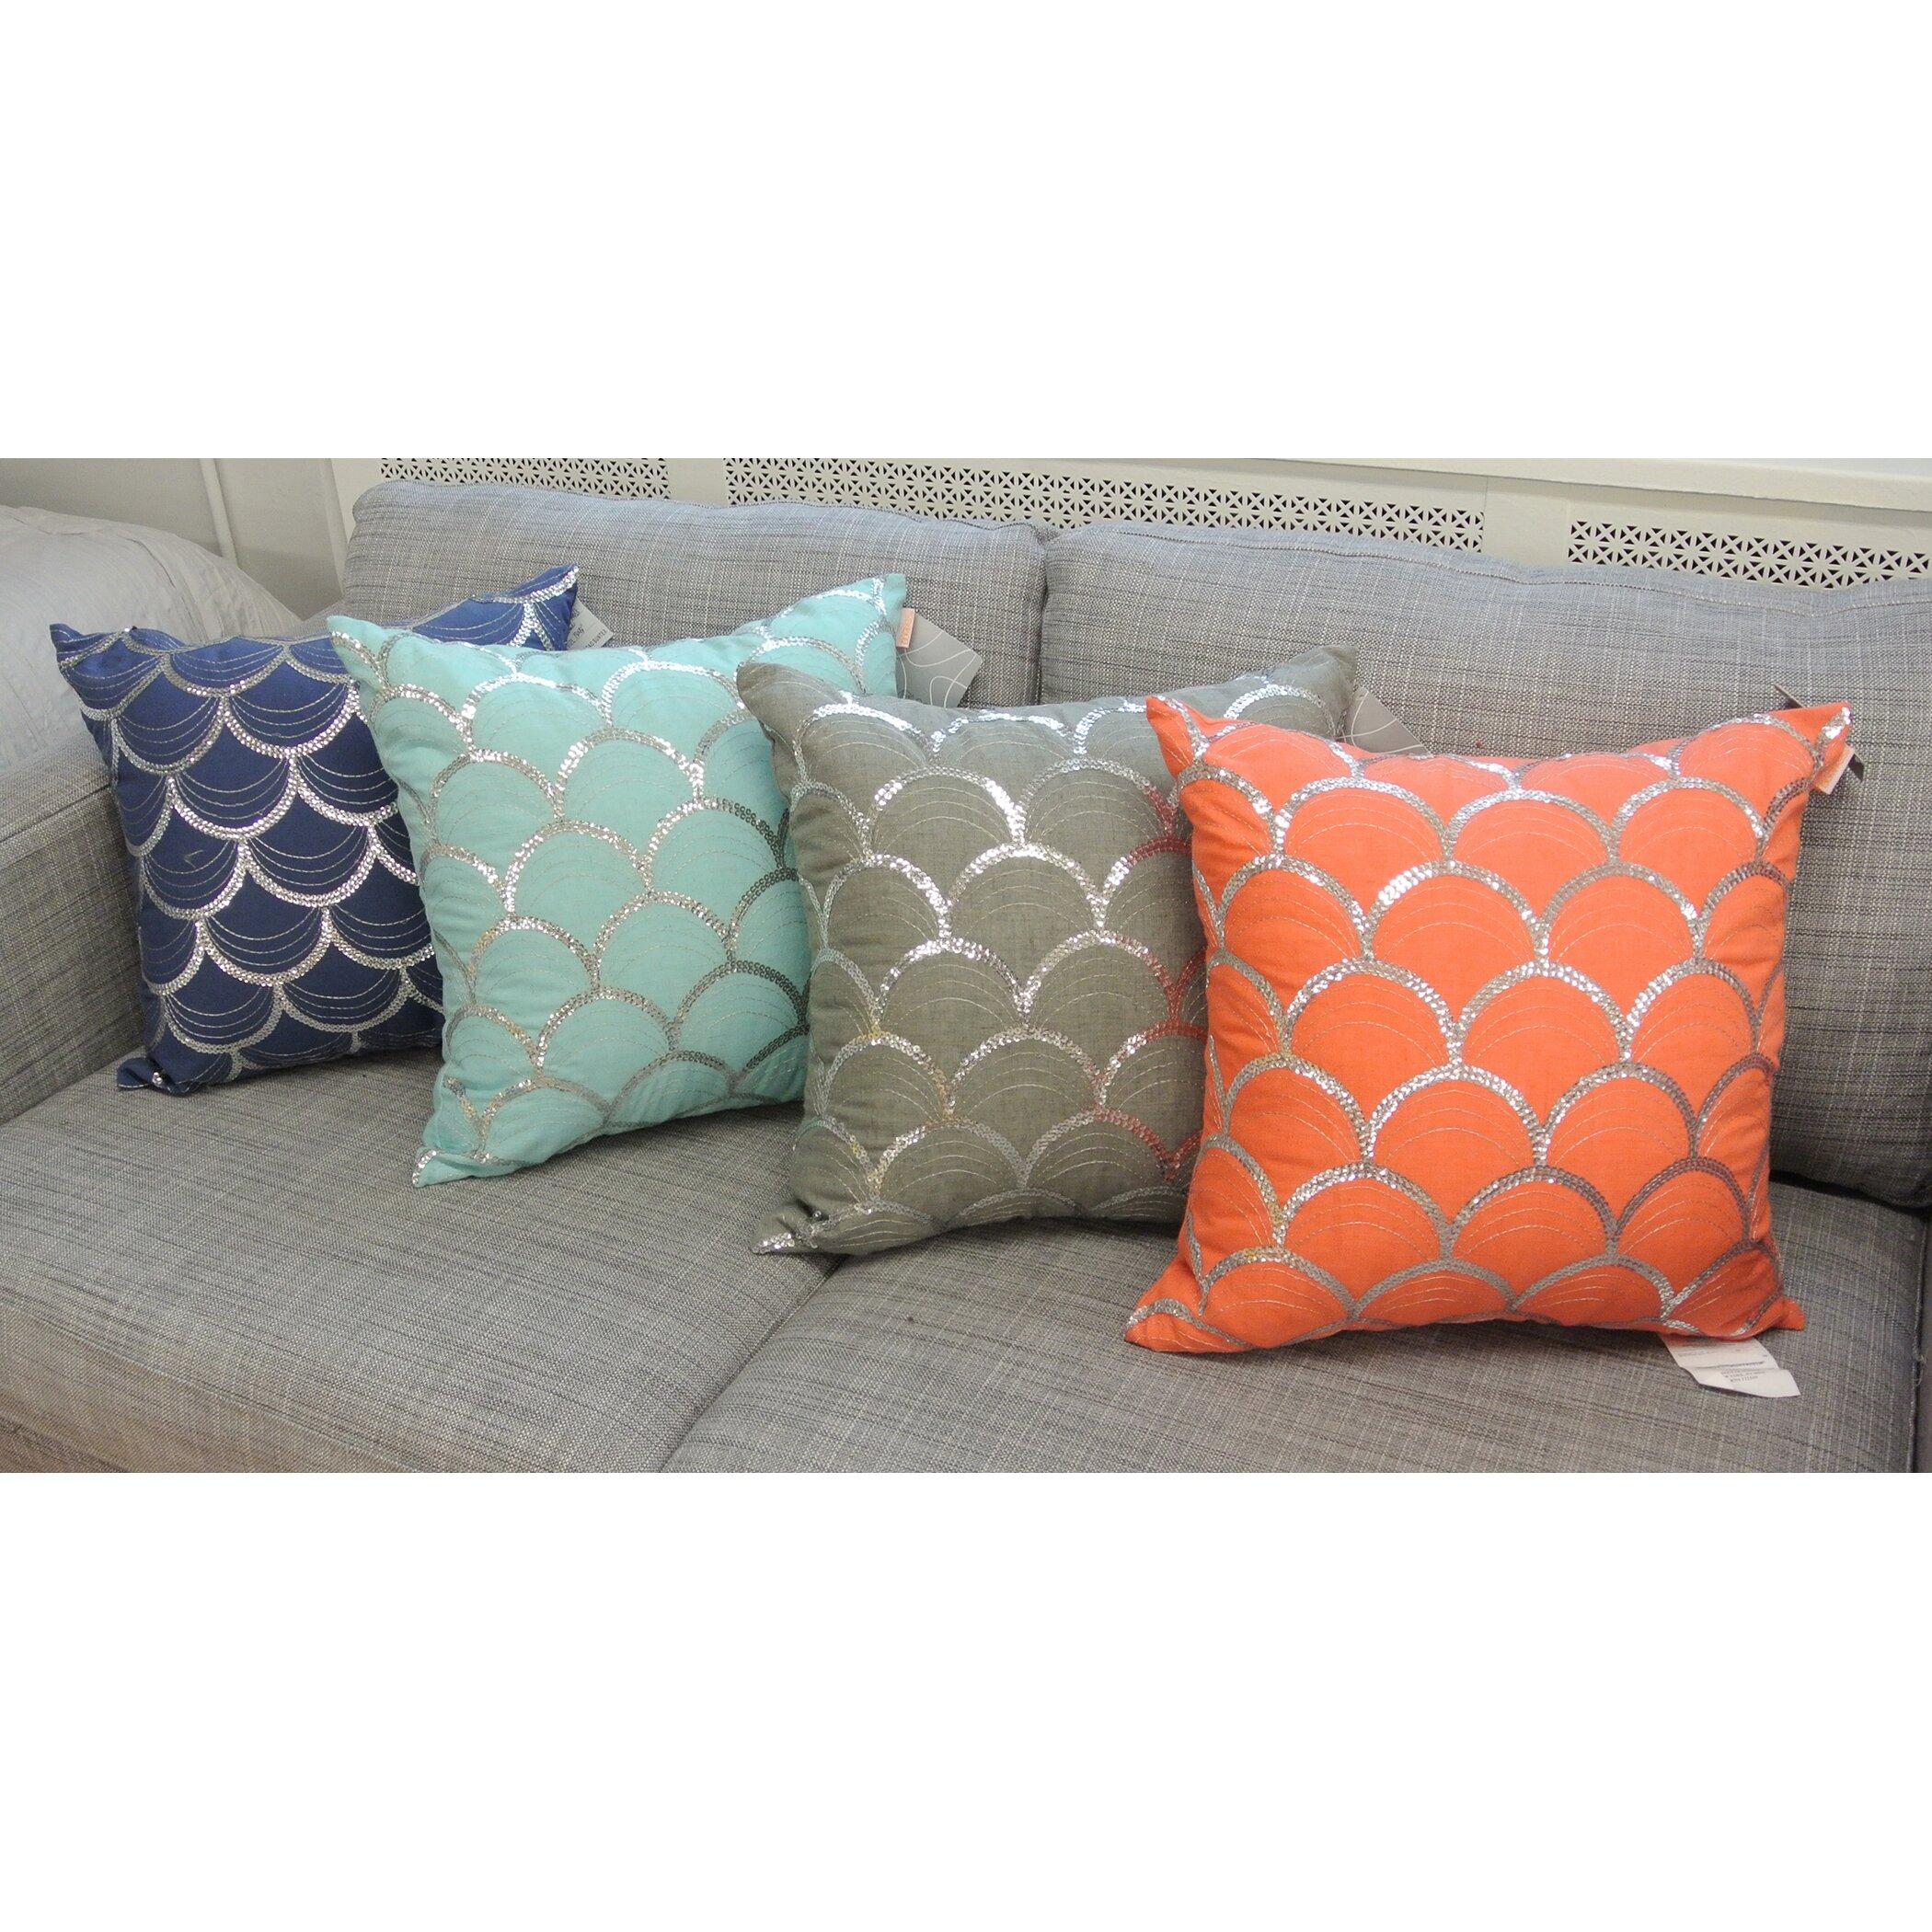 Wayfair Decorative Throw Pillows : Artistic Linen Suzanne Square Decorative Throw Pillow & Reviews Wayfair.ca